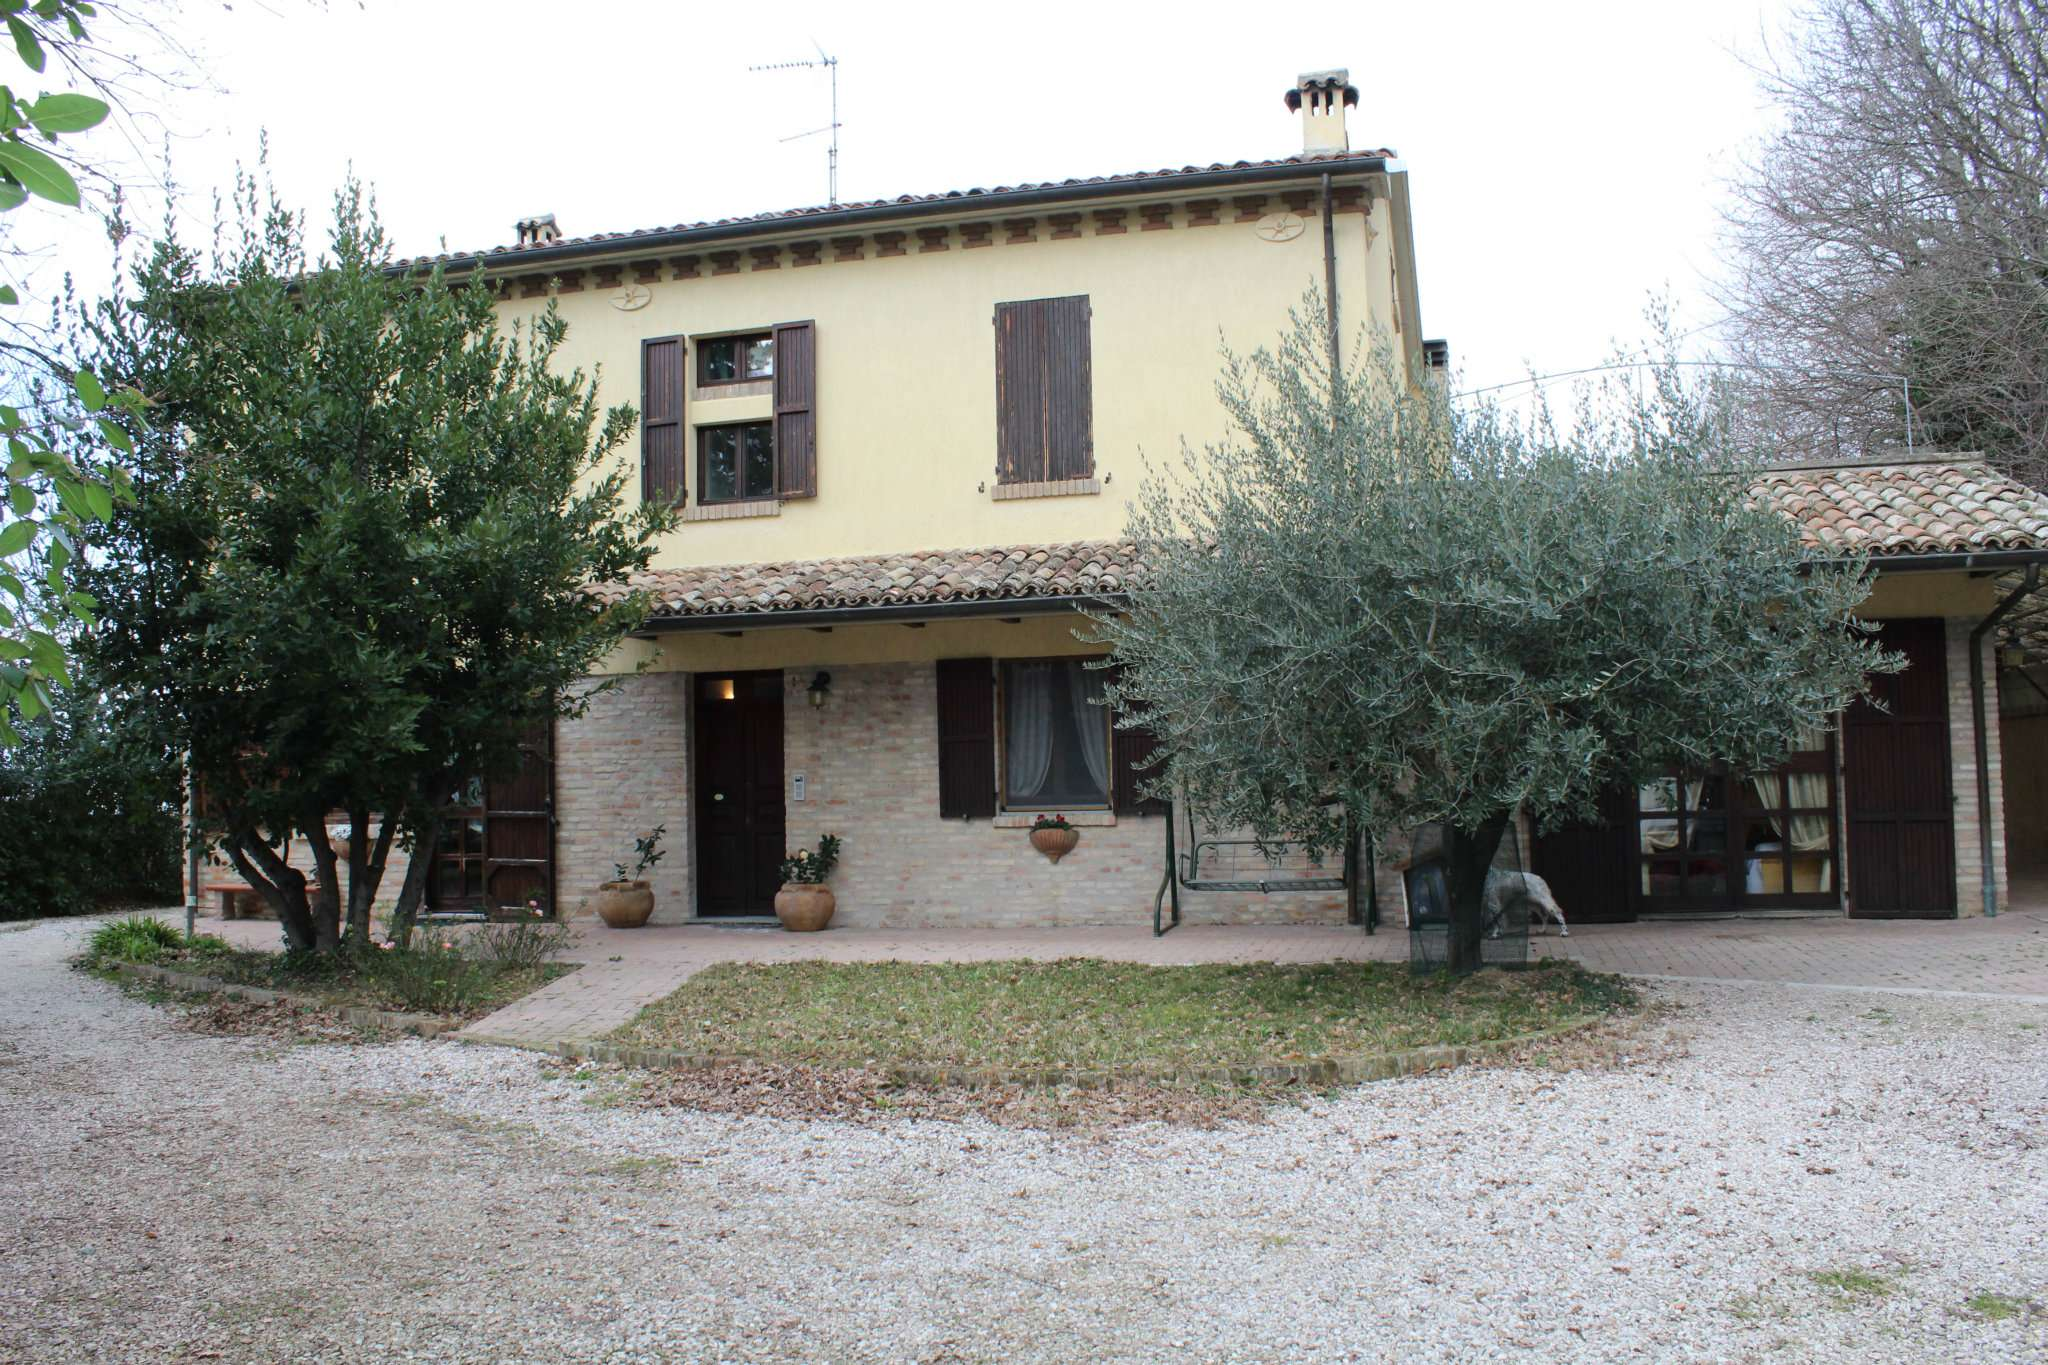 Soluzione Indipendente in vendita a Pesaro, 15 locali, prezzo € 450.000 | Cambio Casa.it